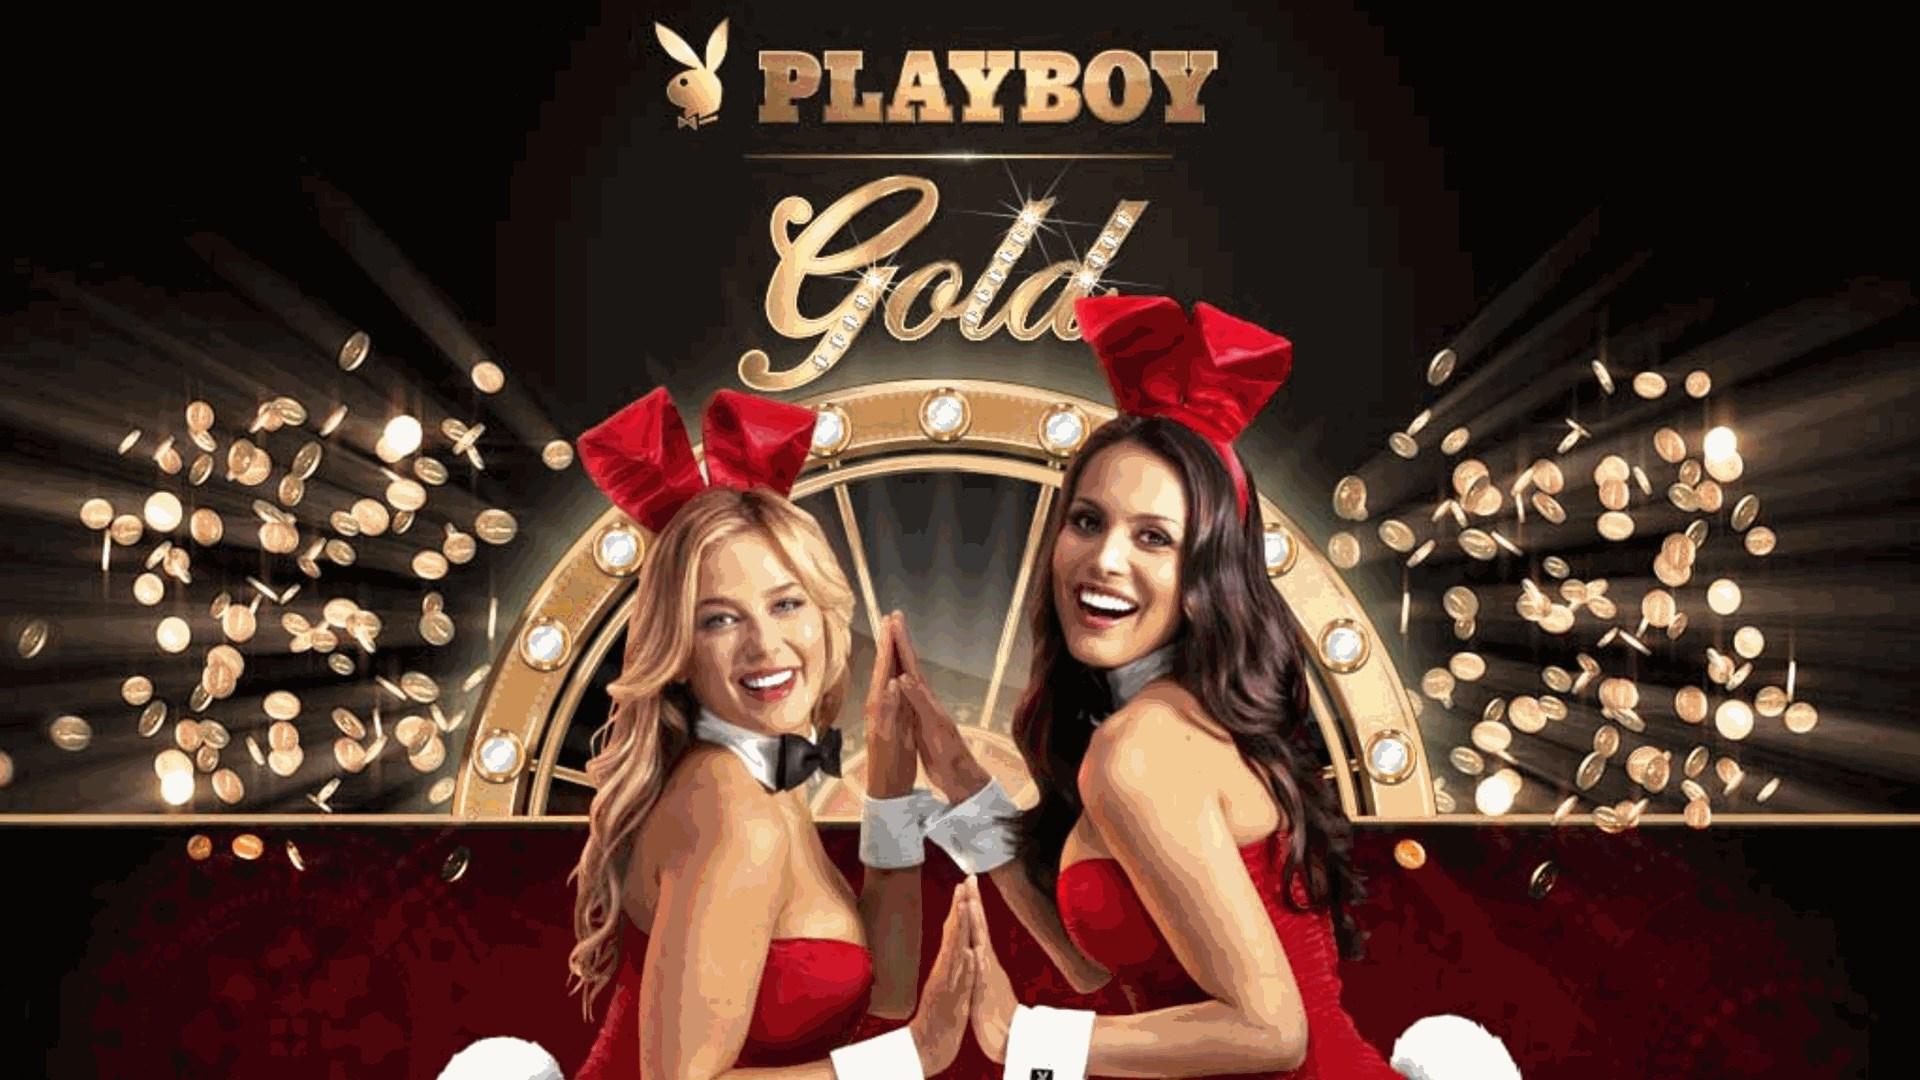 PlayboySlot